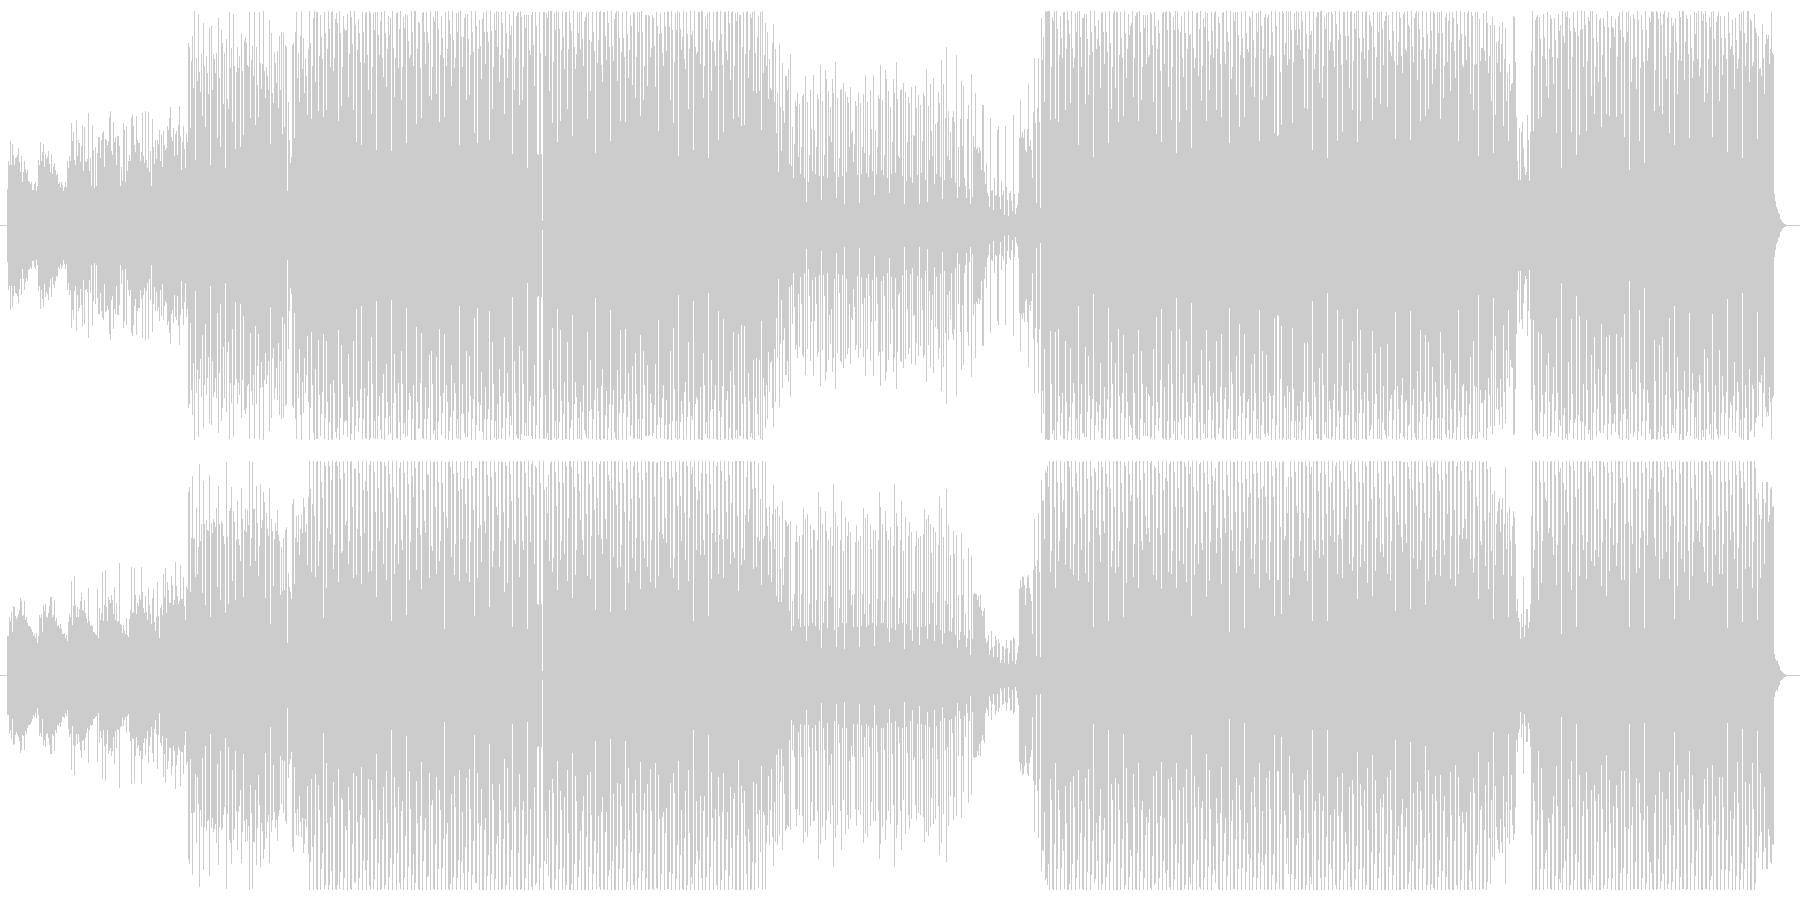 ファション系イベント向けかっこいいテクノの未再生の波形